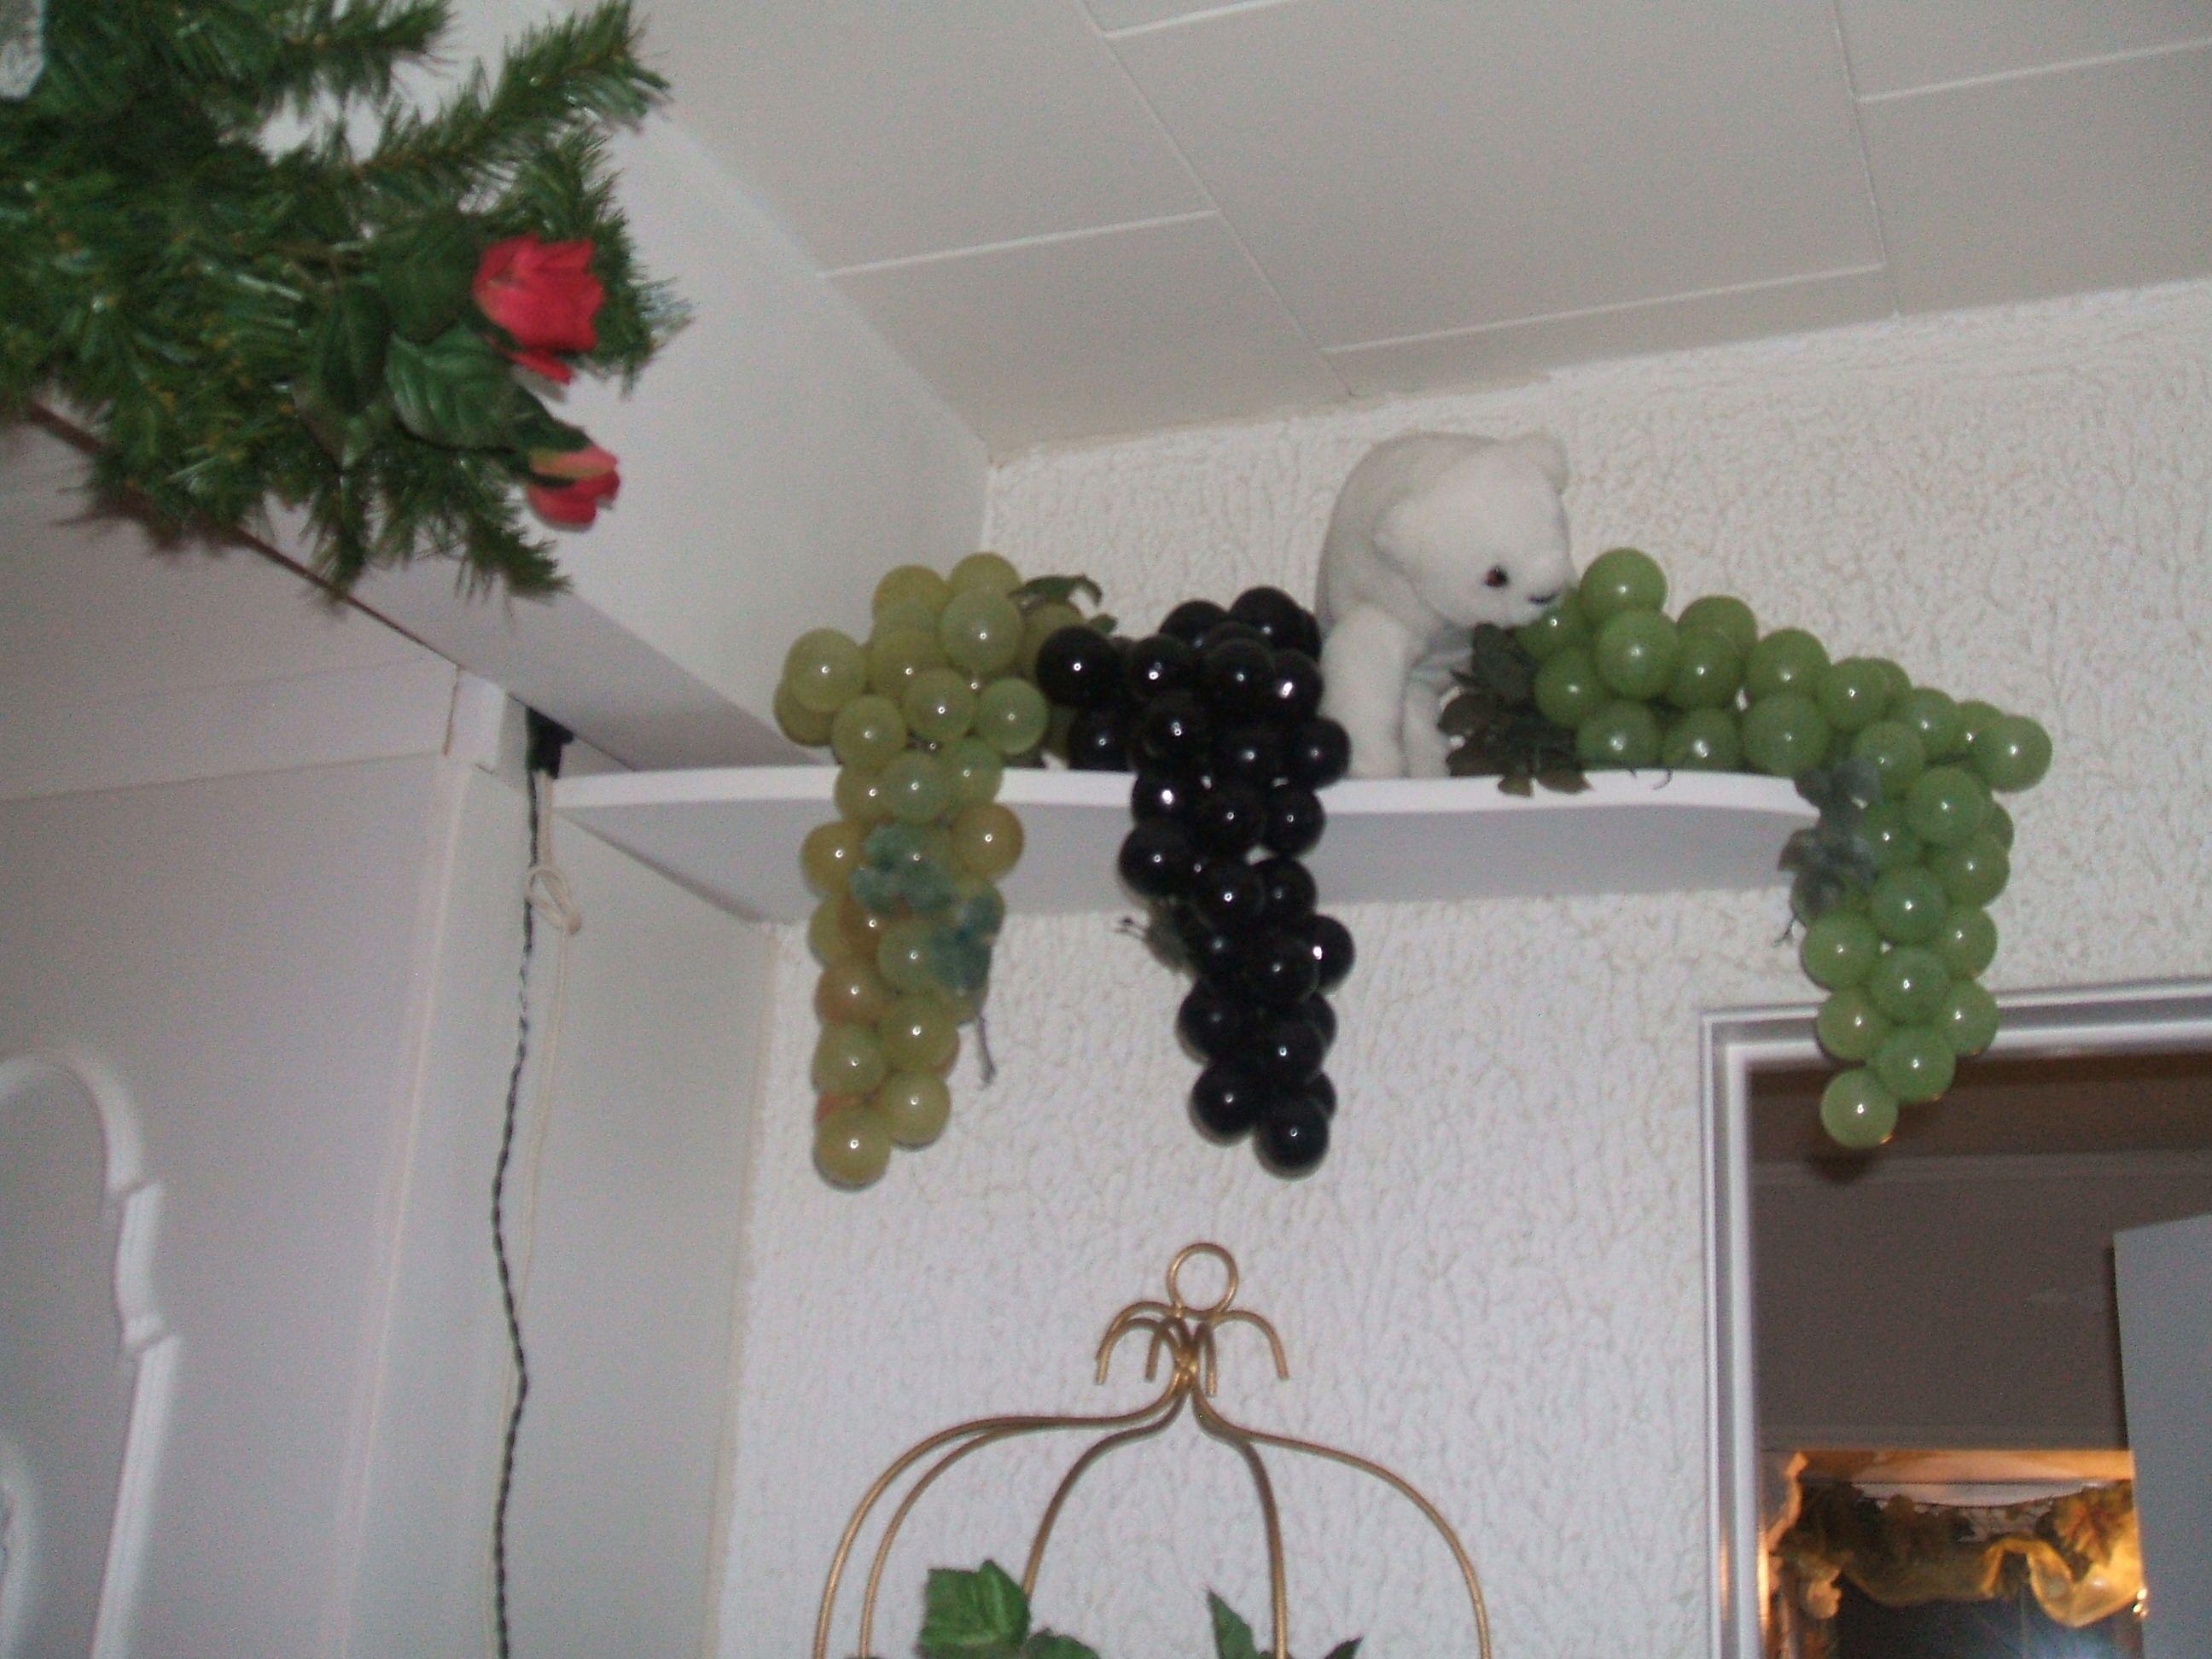 Trois grosses grappes de raisin sur une tablette